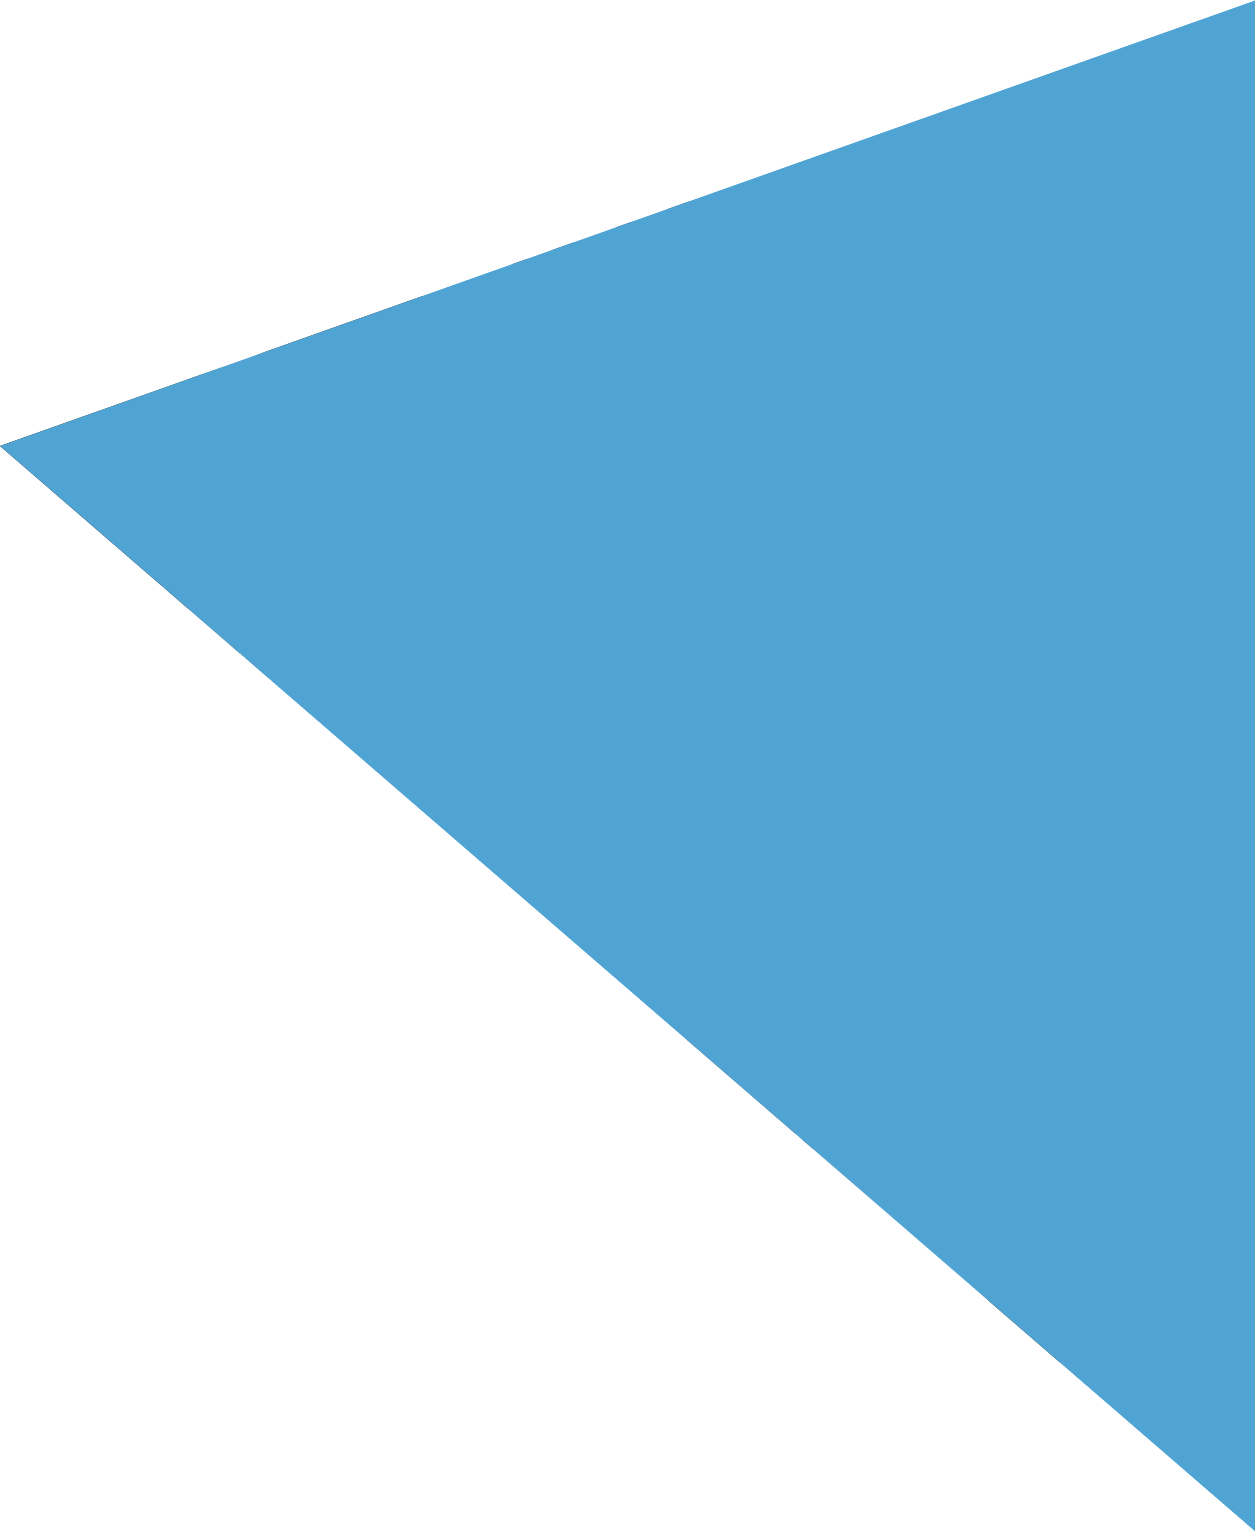 col5-triangle